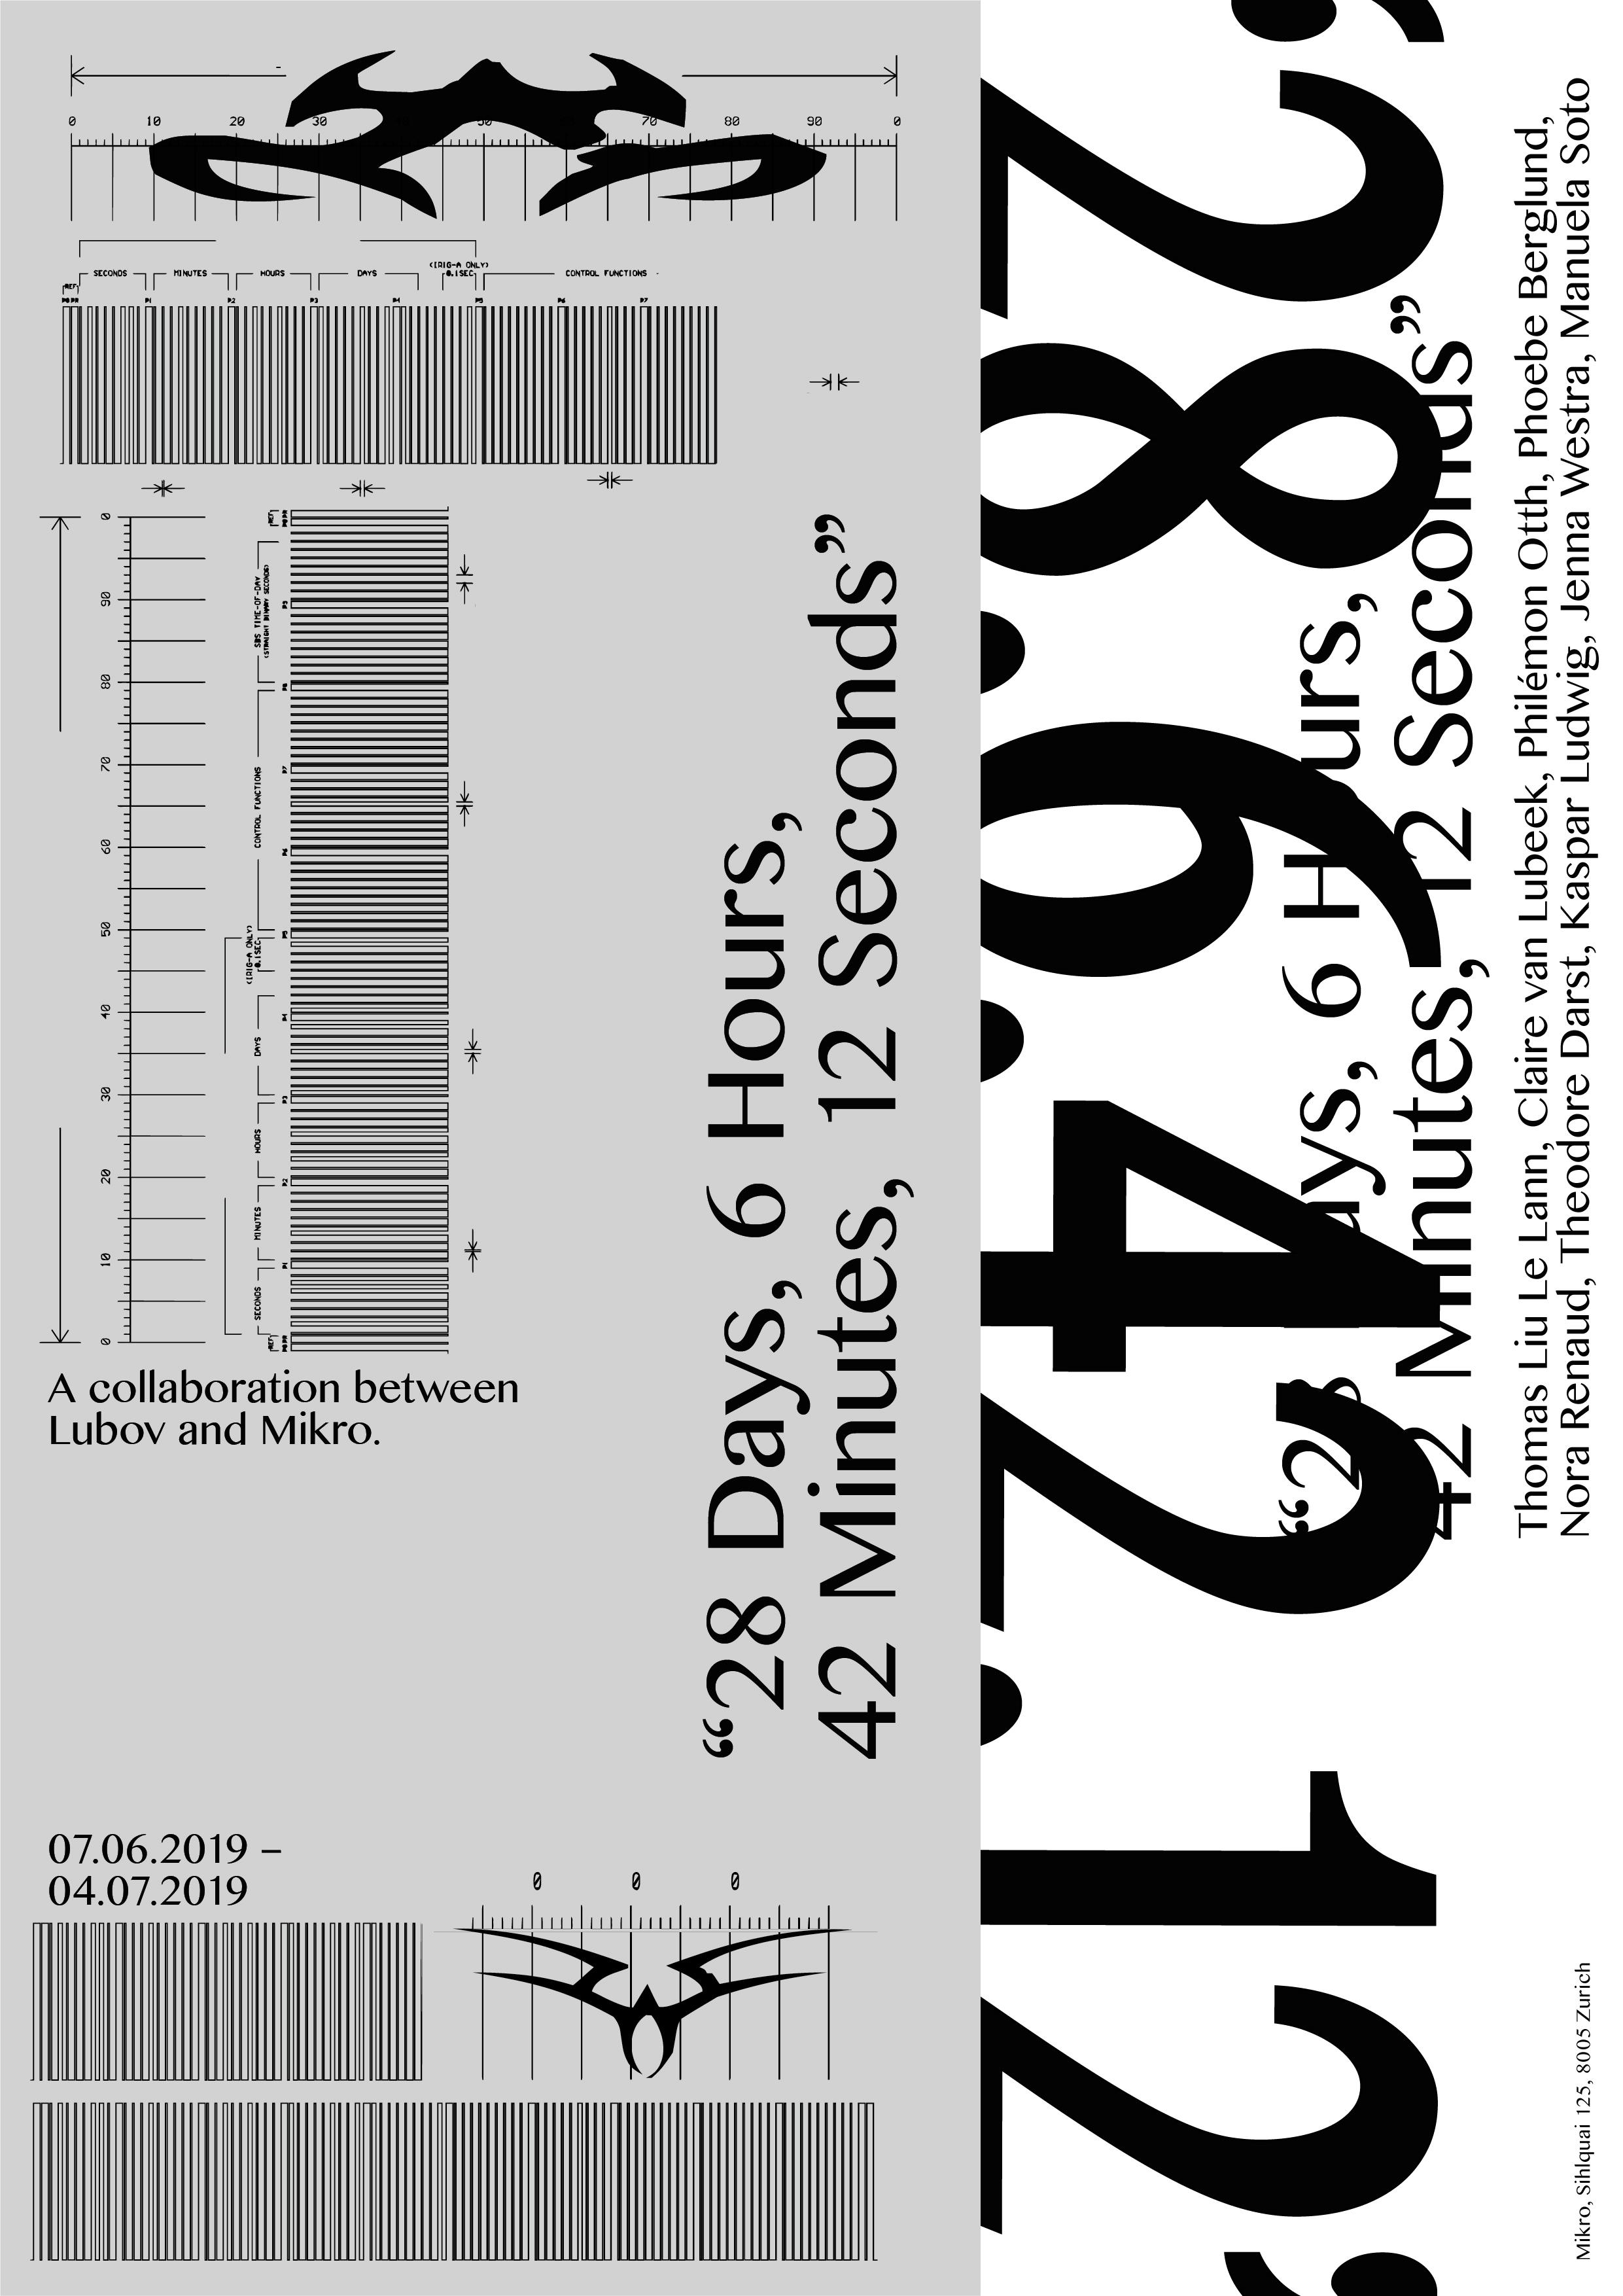 lubov_1_Zeichenfläche 1 Kopie.jpg